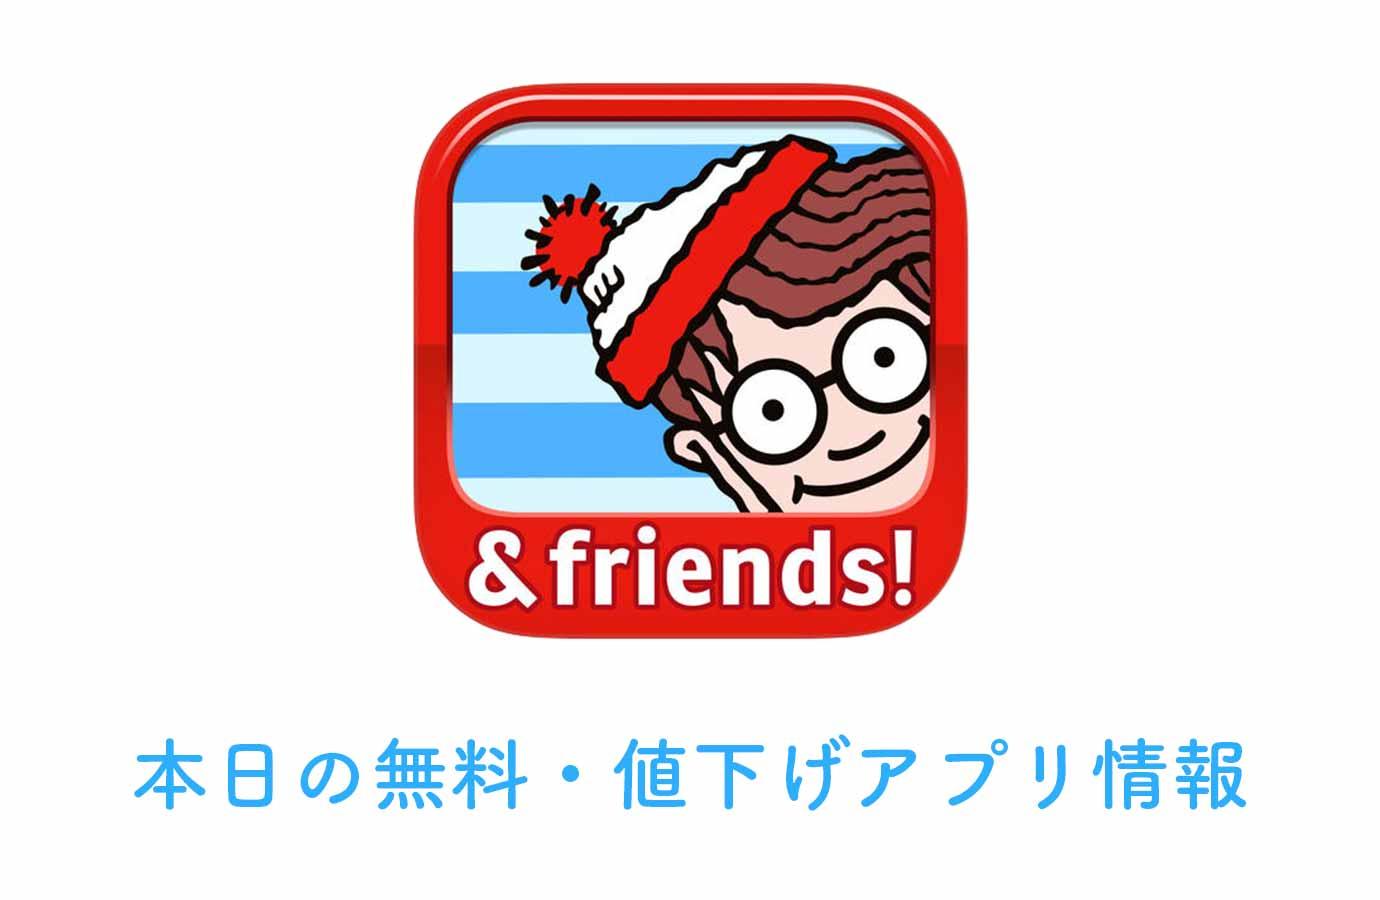 【120円→無料】ウォーリーを探せが楽しめるアプリ「ウォーリー& Friends!」など【2/18】本日の無料・値下げアプリ情報